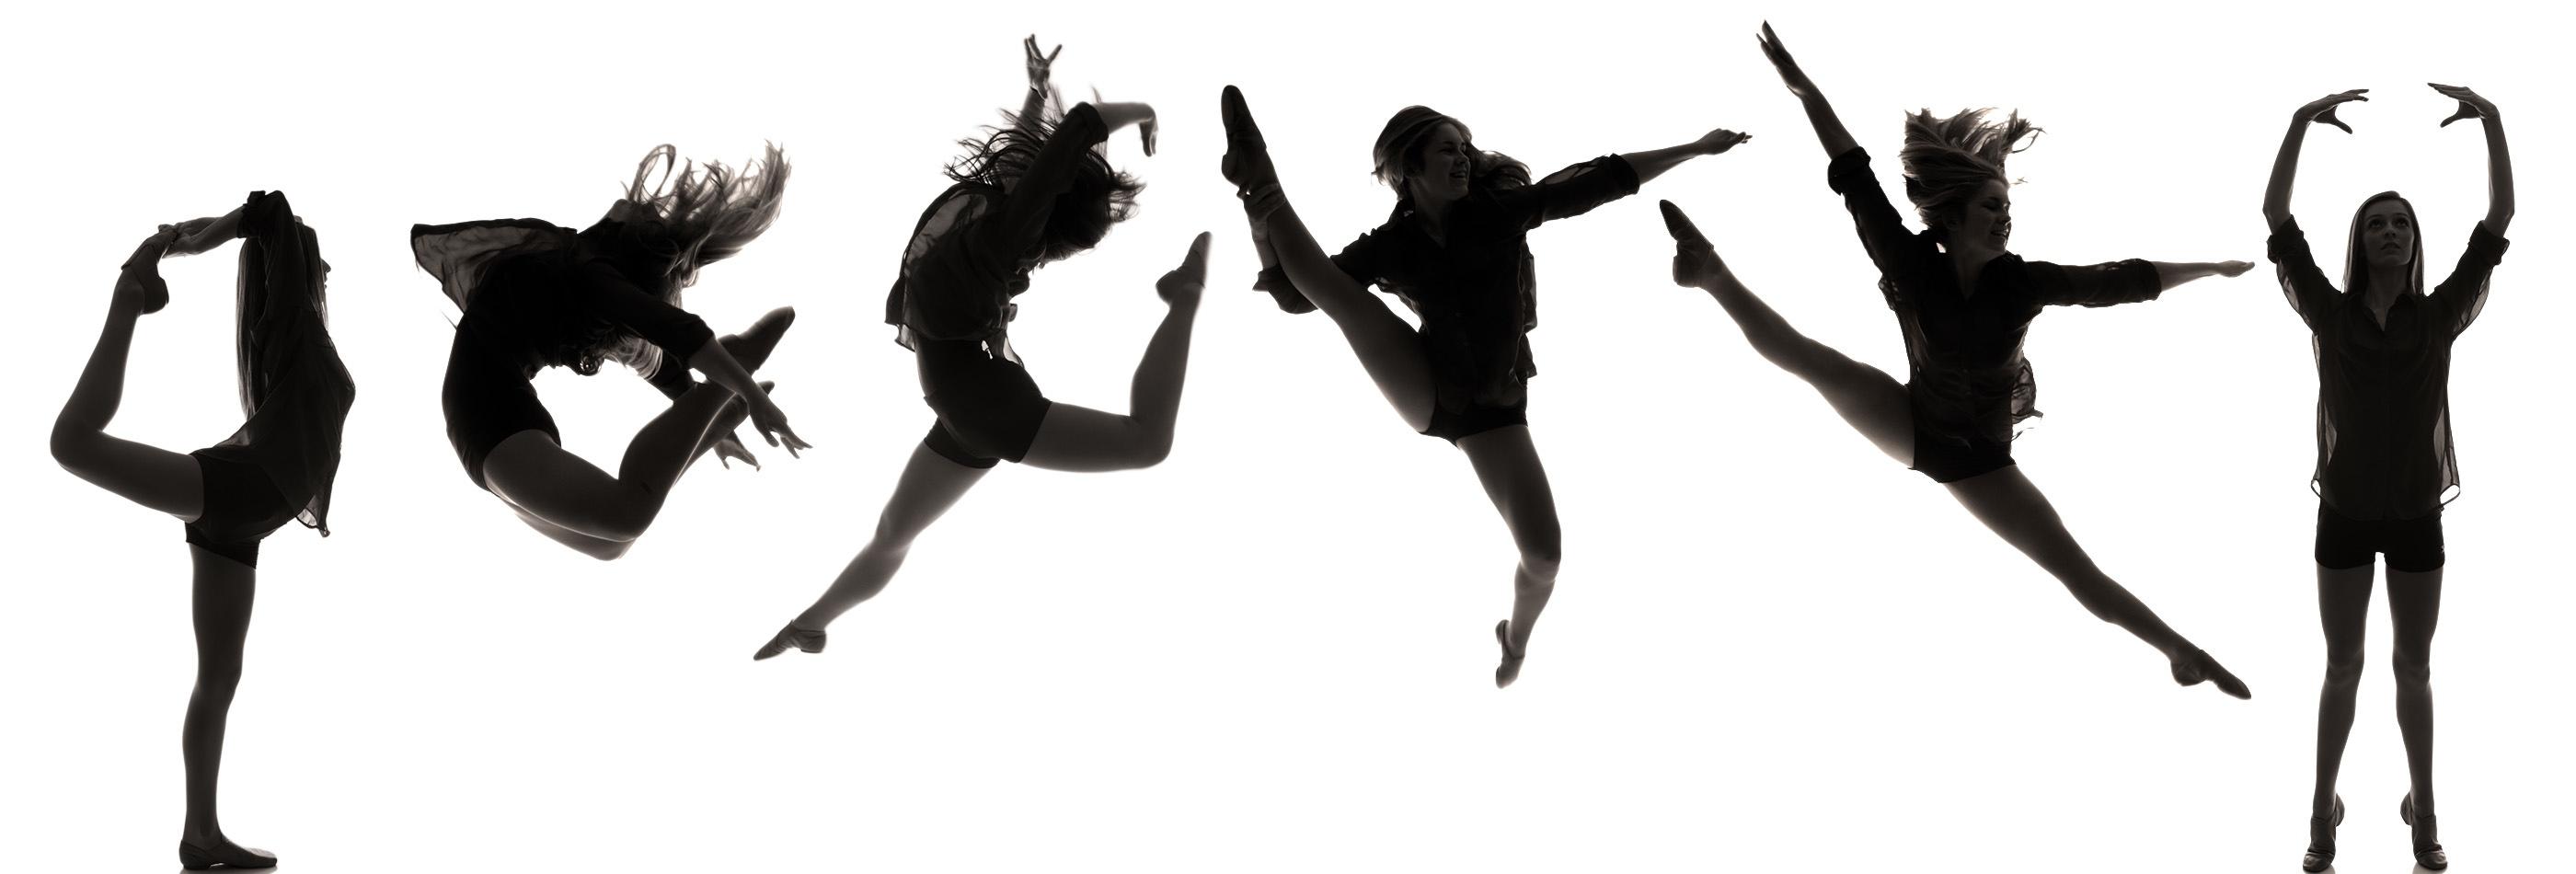 Ballet clipart lyrical dancer Drawings Dance clipart clipart Dance